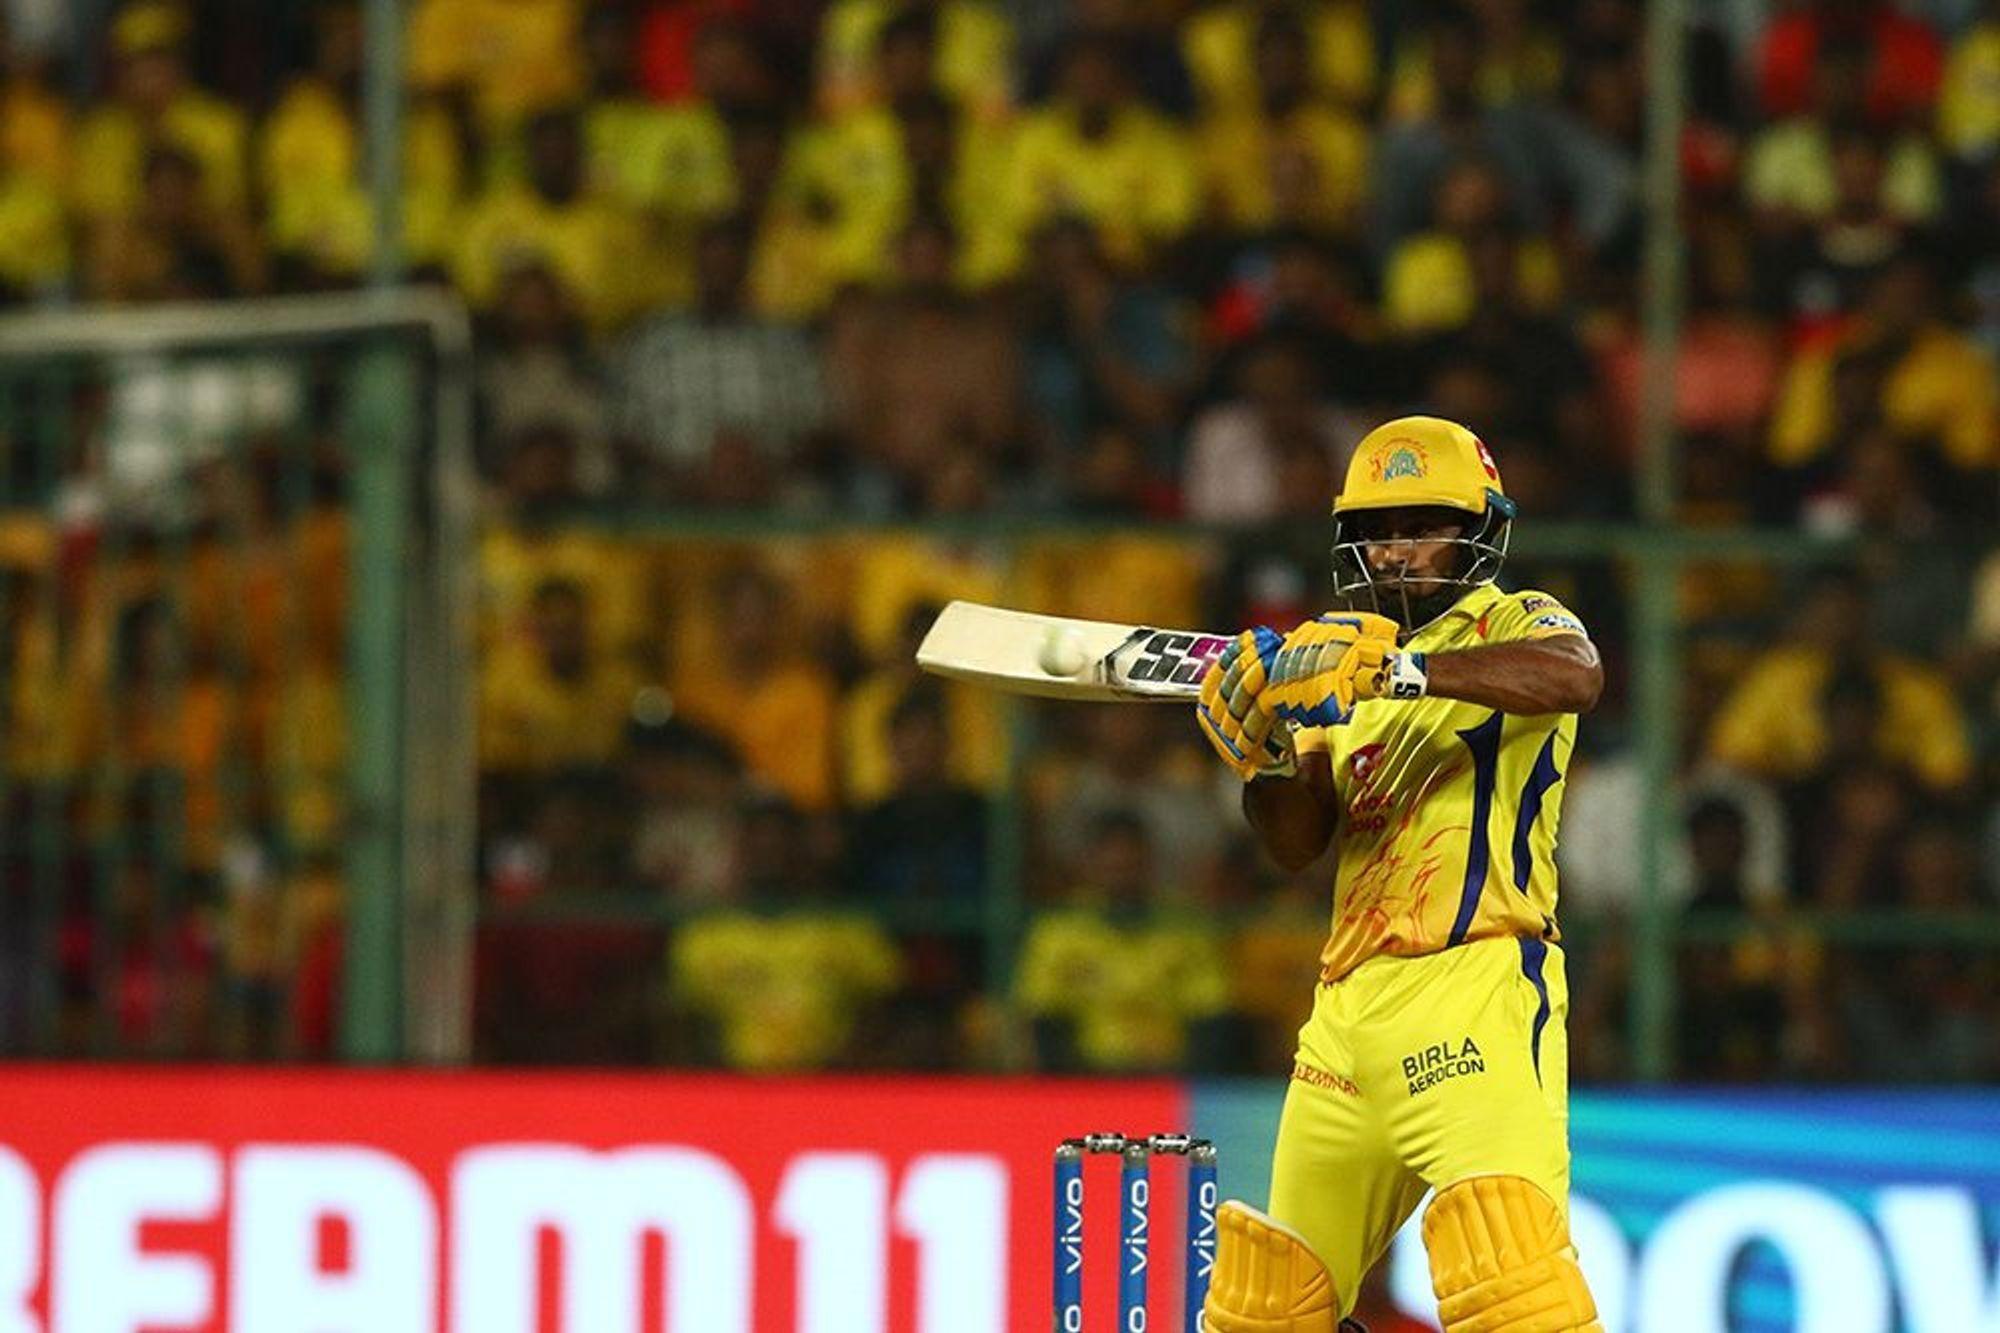 आईपीएल के पिछले सीजन में ये 5 खिलाड़ी थे अपनी टीम के हीरो, इस सीजन में बन गये जीरो 3